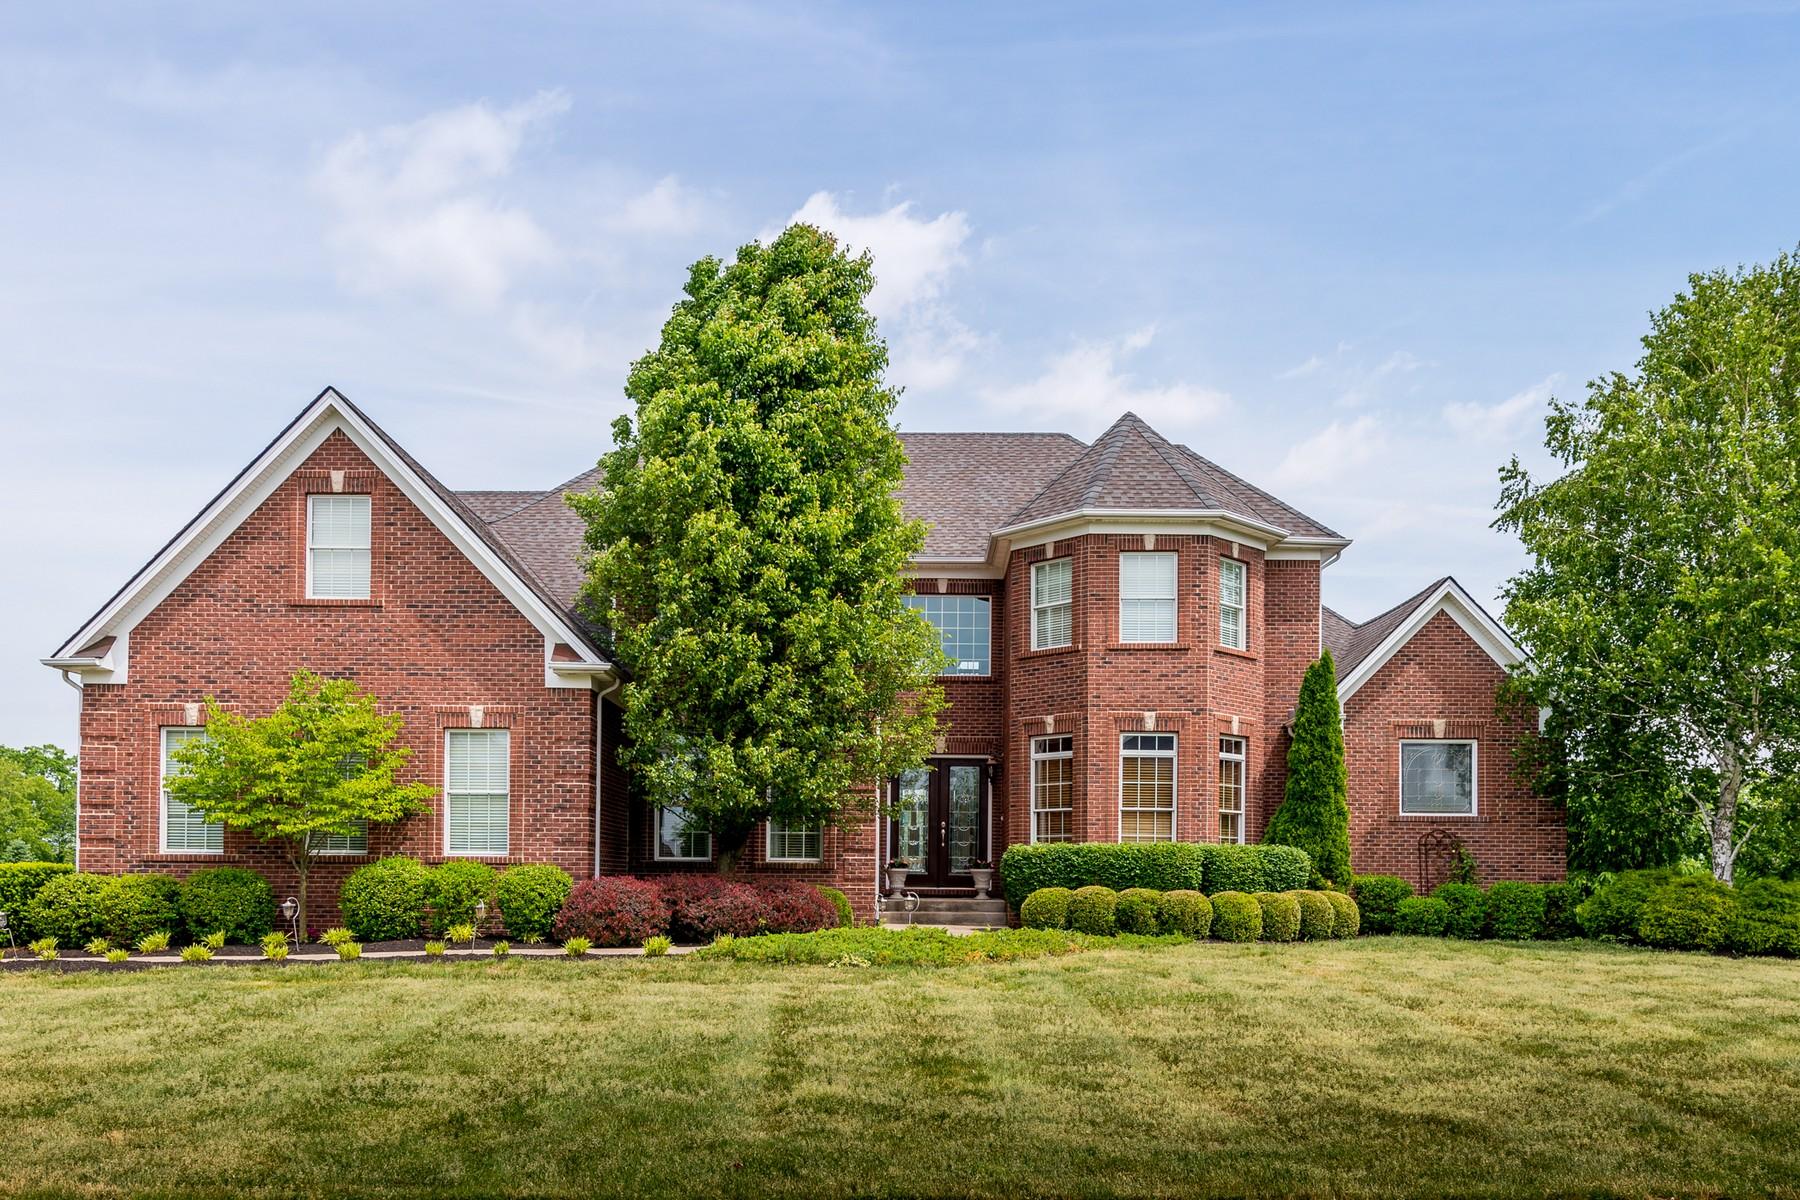 Maison unifamiliale pour l Vente à 202 Golf Club Drive Nicholasville, Kentucky, 40356 États-Unis